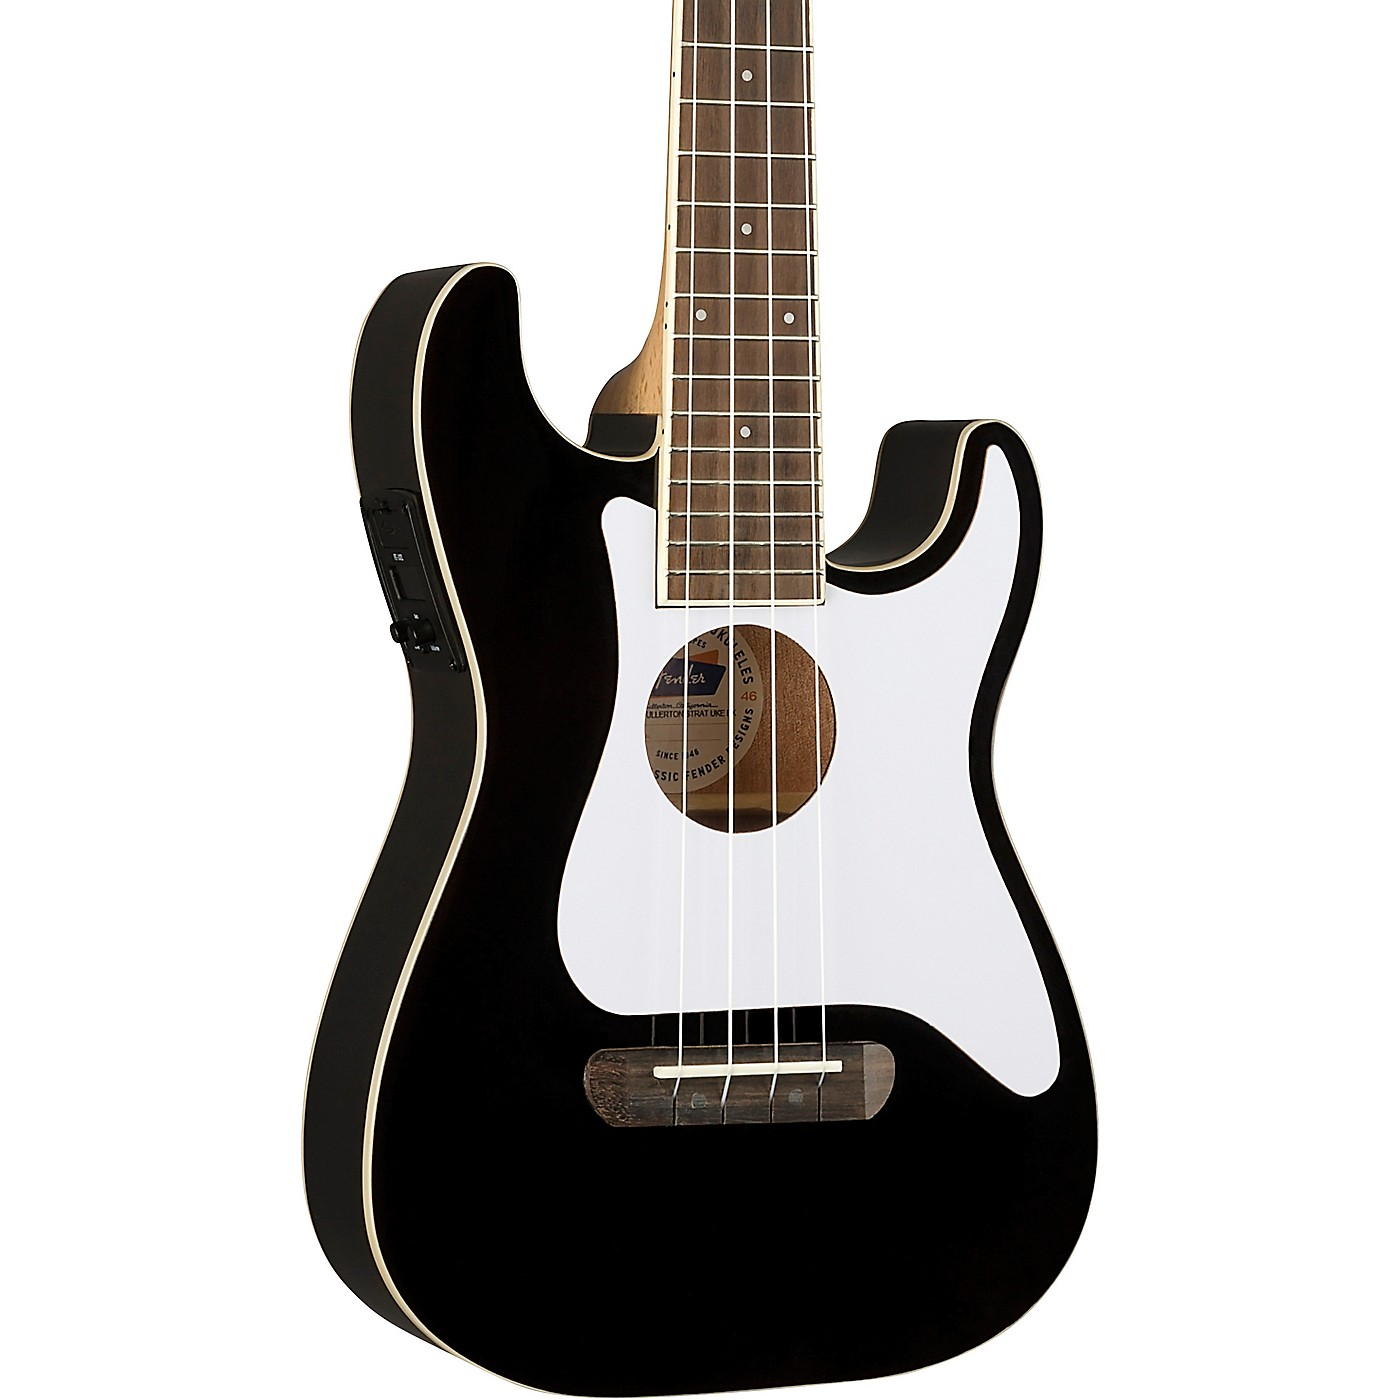 Fender Fullerton Stratocaster Ukulele thumbnail